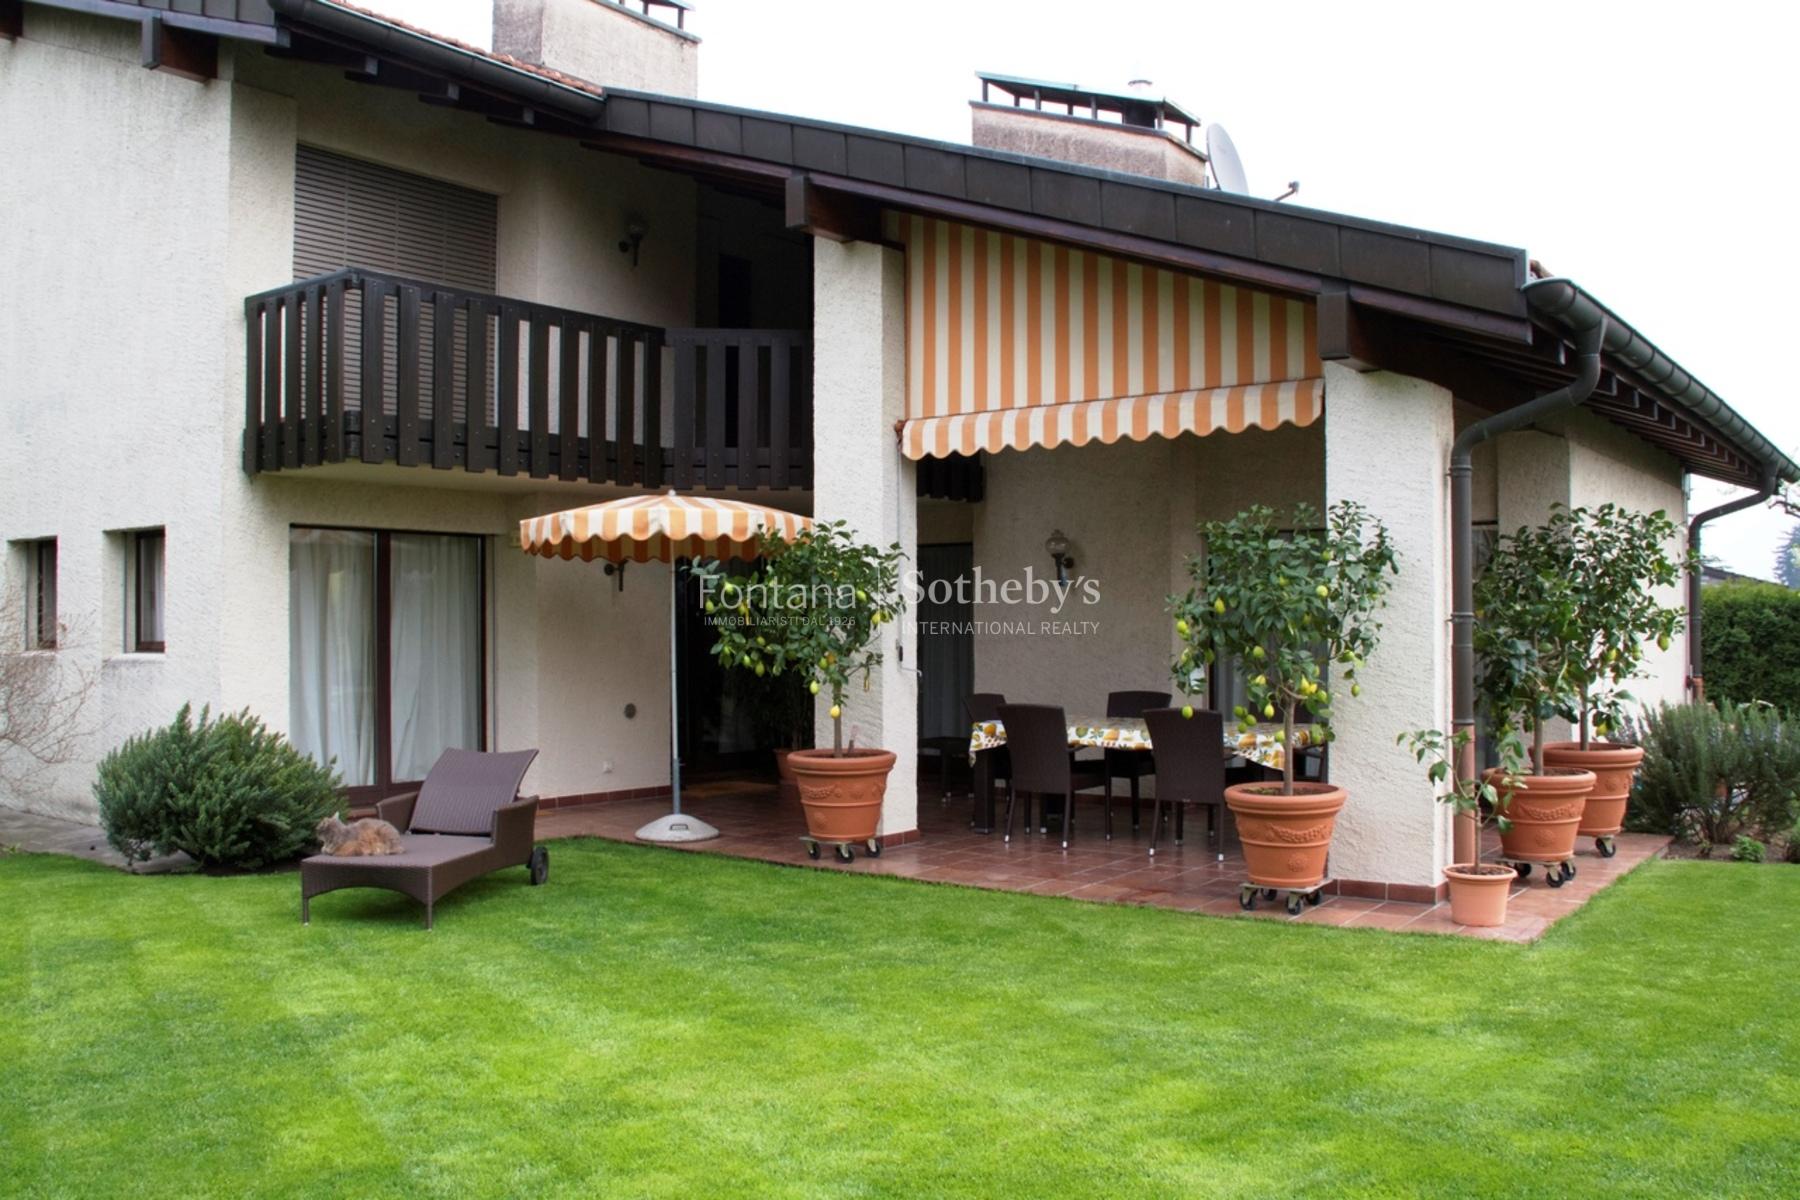 Single Family Home for Sale at Villa in quiet area Collina d'Oro Gentilino, Ticino, 6925 Switzerland